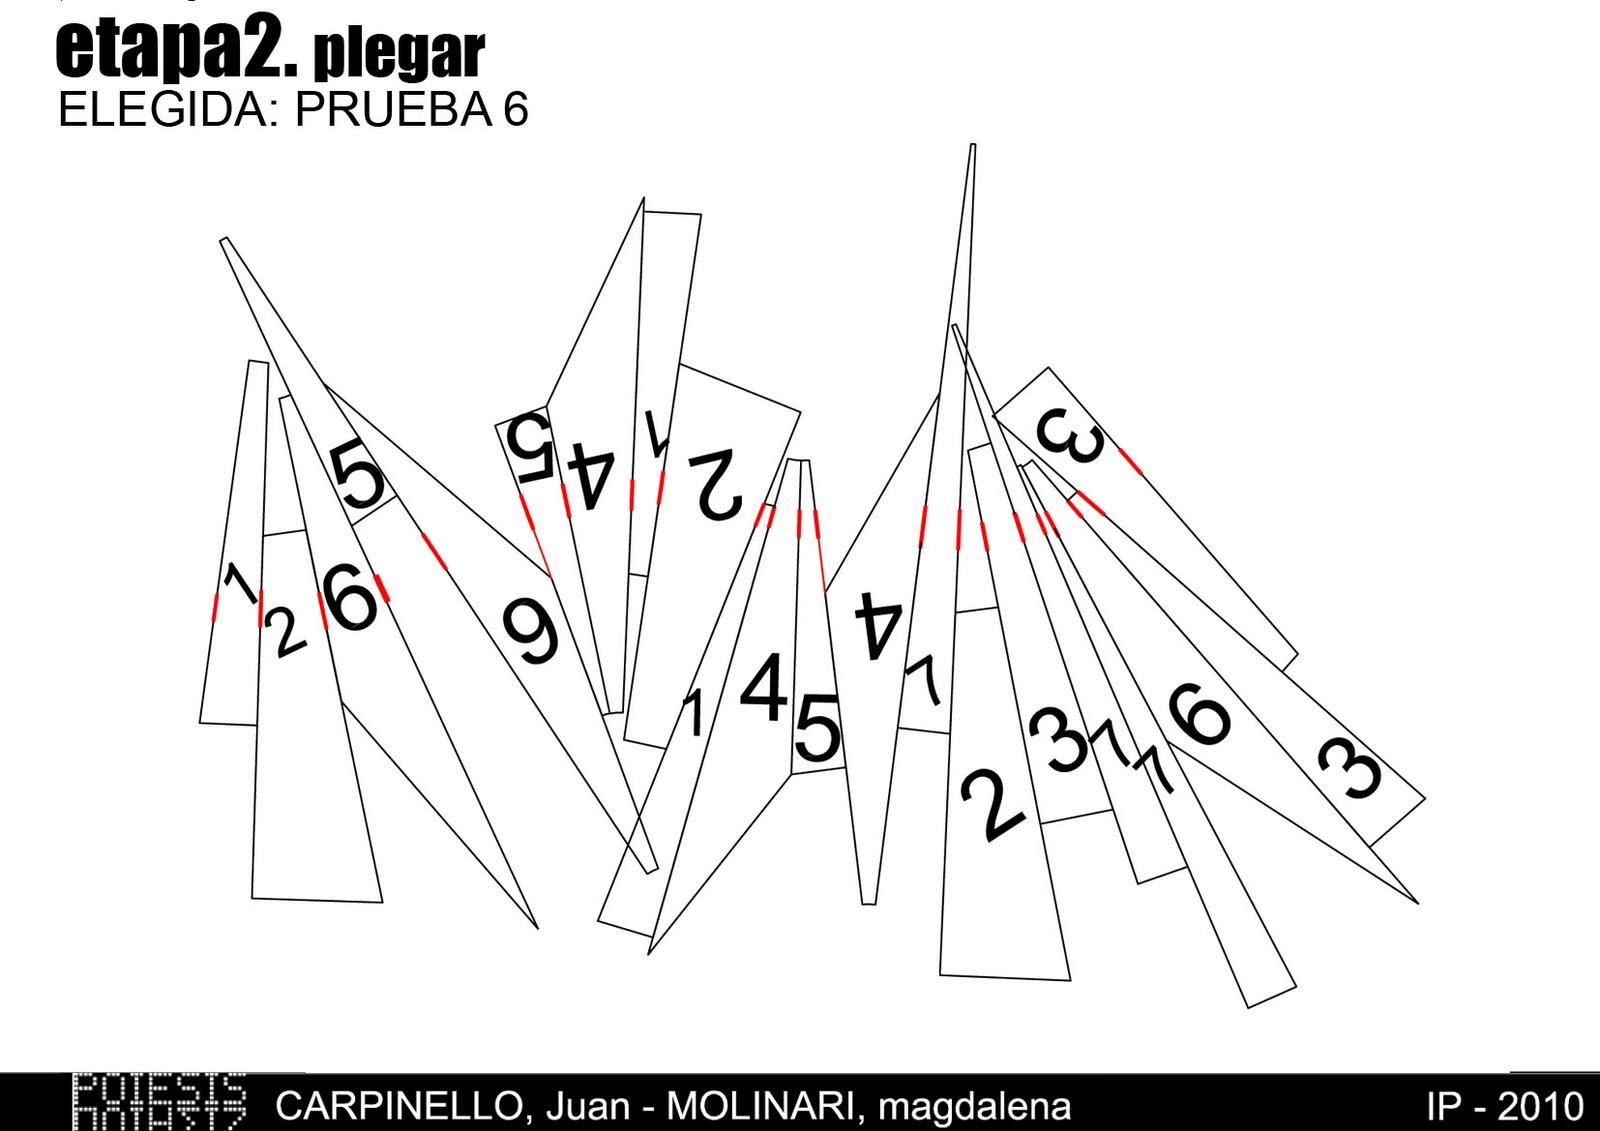 IMAGENES DE ARQUITECTURA: EL PLIEGUE